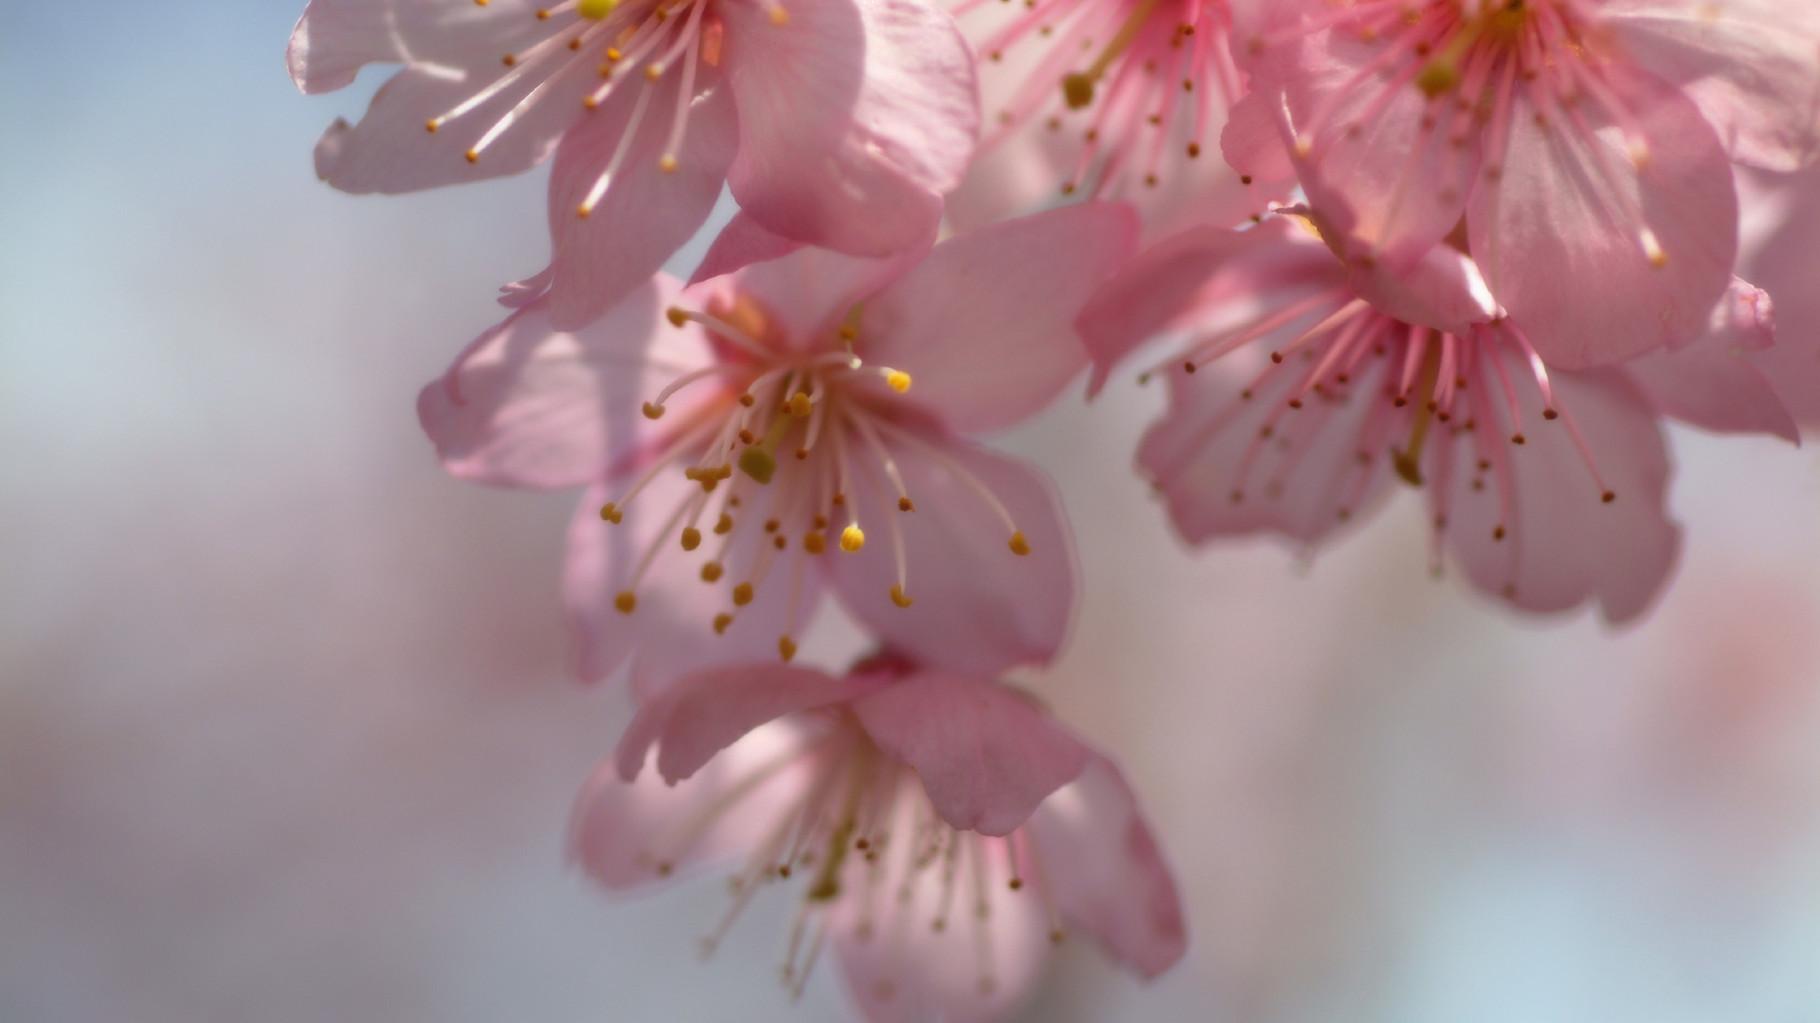 花が咲く日々を夢見て   相続 遺言 家族信託    ℡045-410-7622  司法書士高田秀子事務所